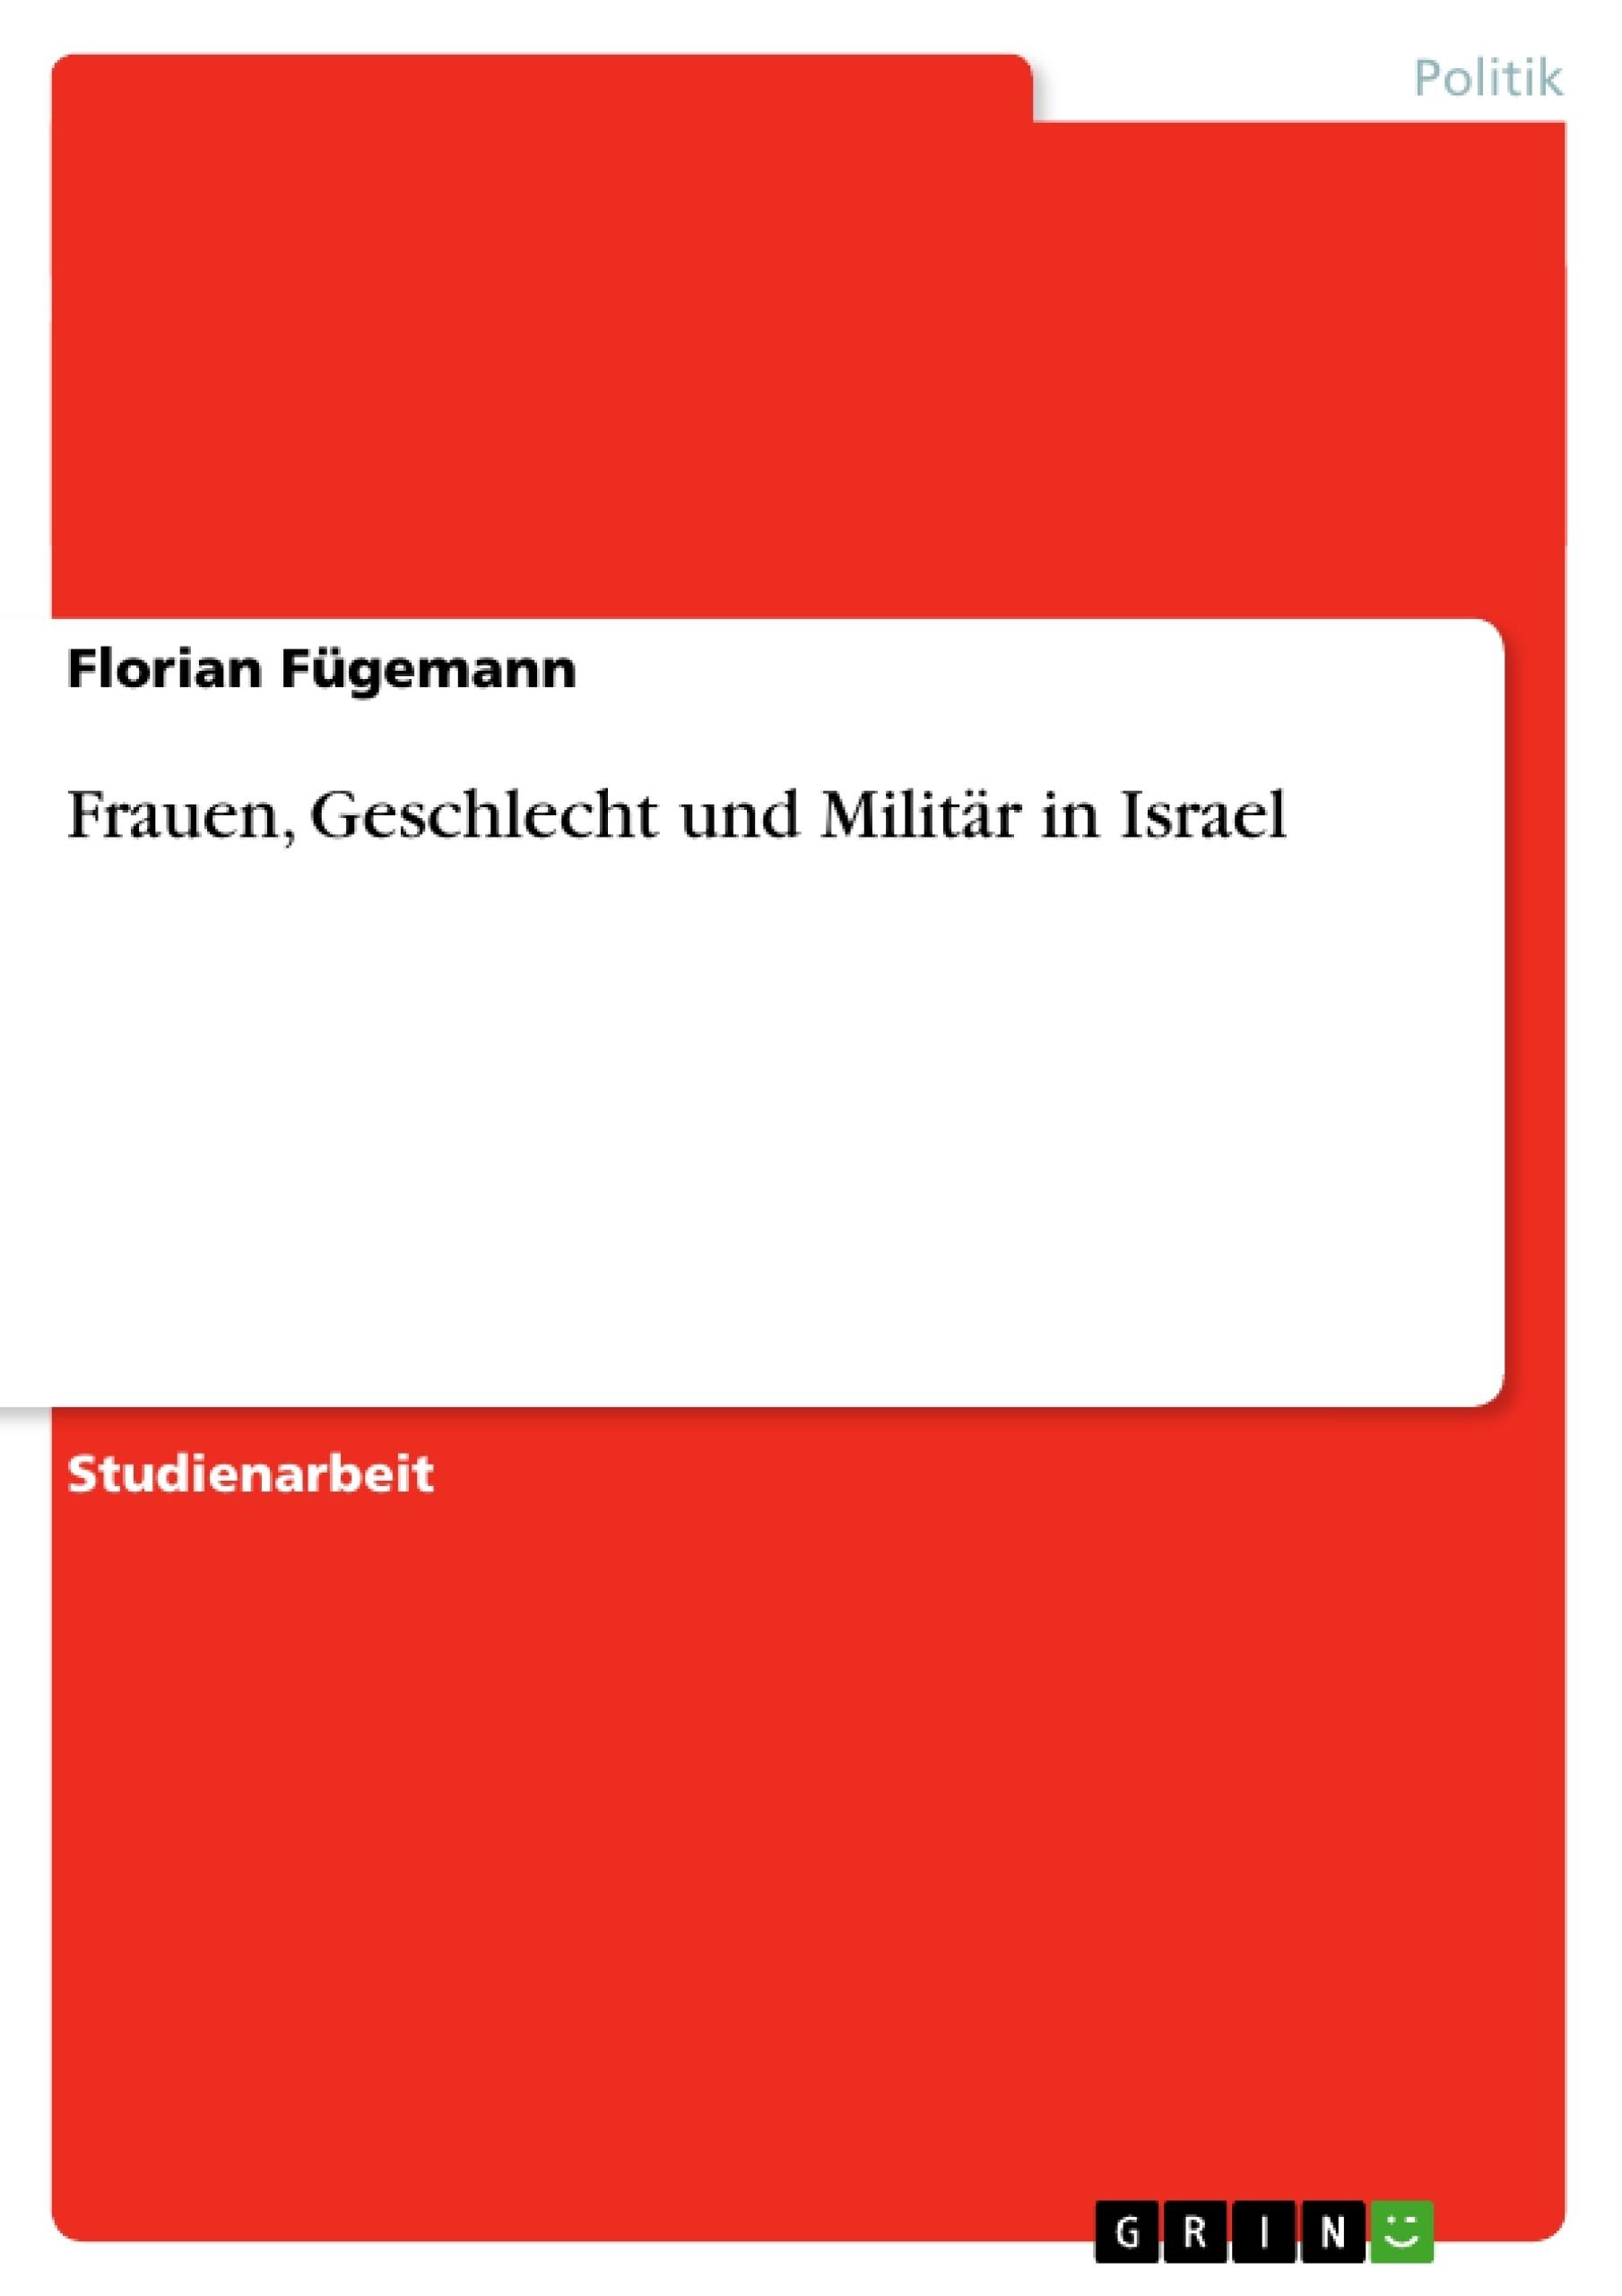 Titel: Frauen, Geschlecht und Militär in Israel